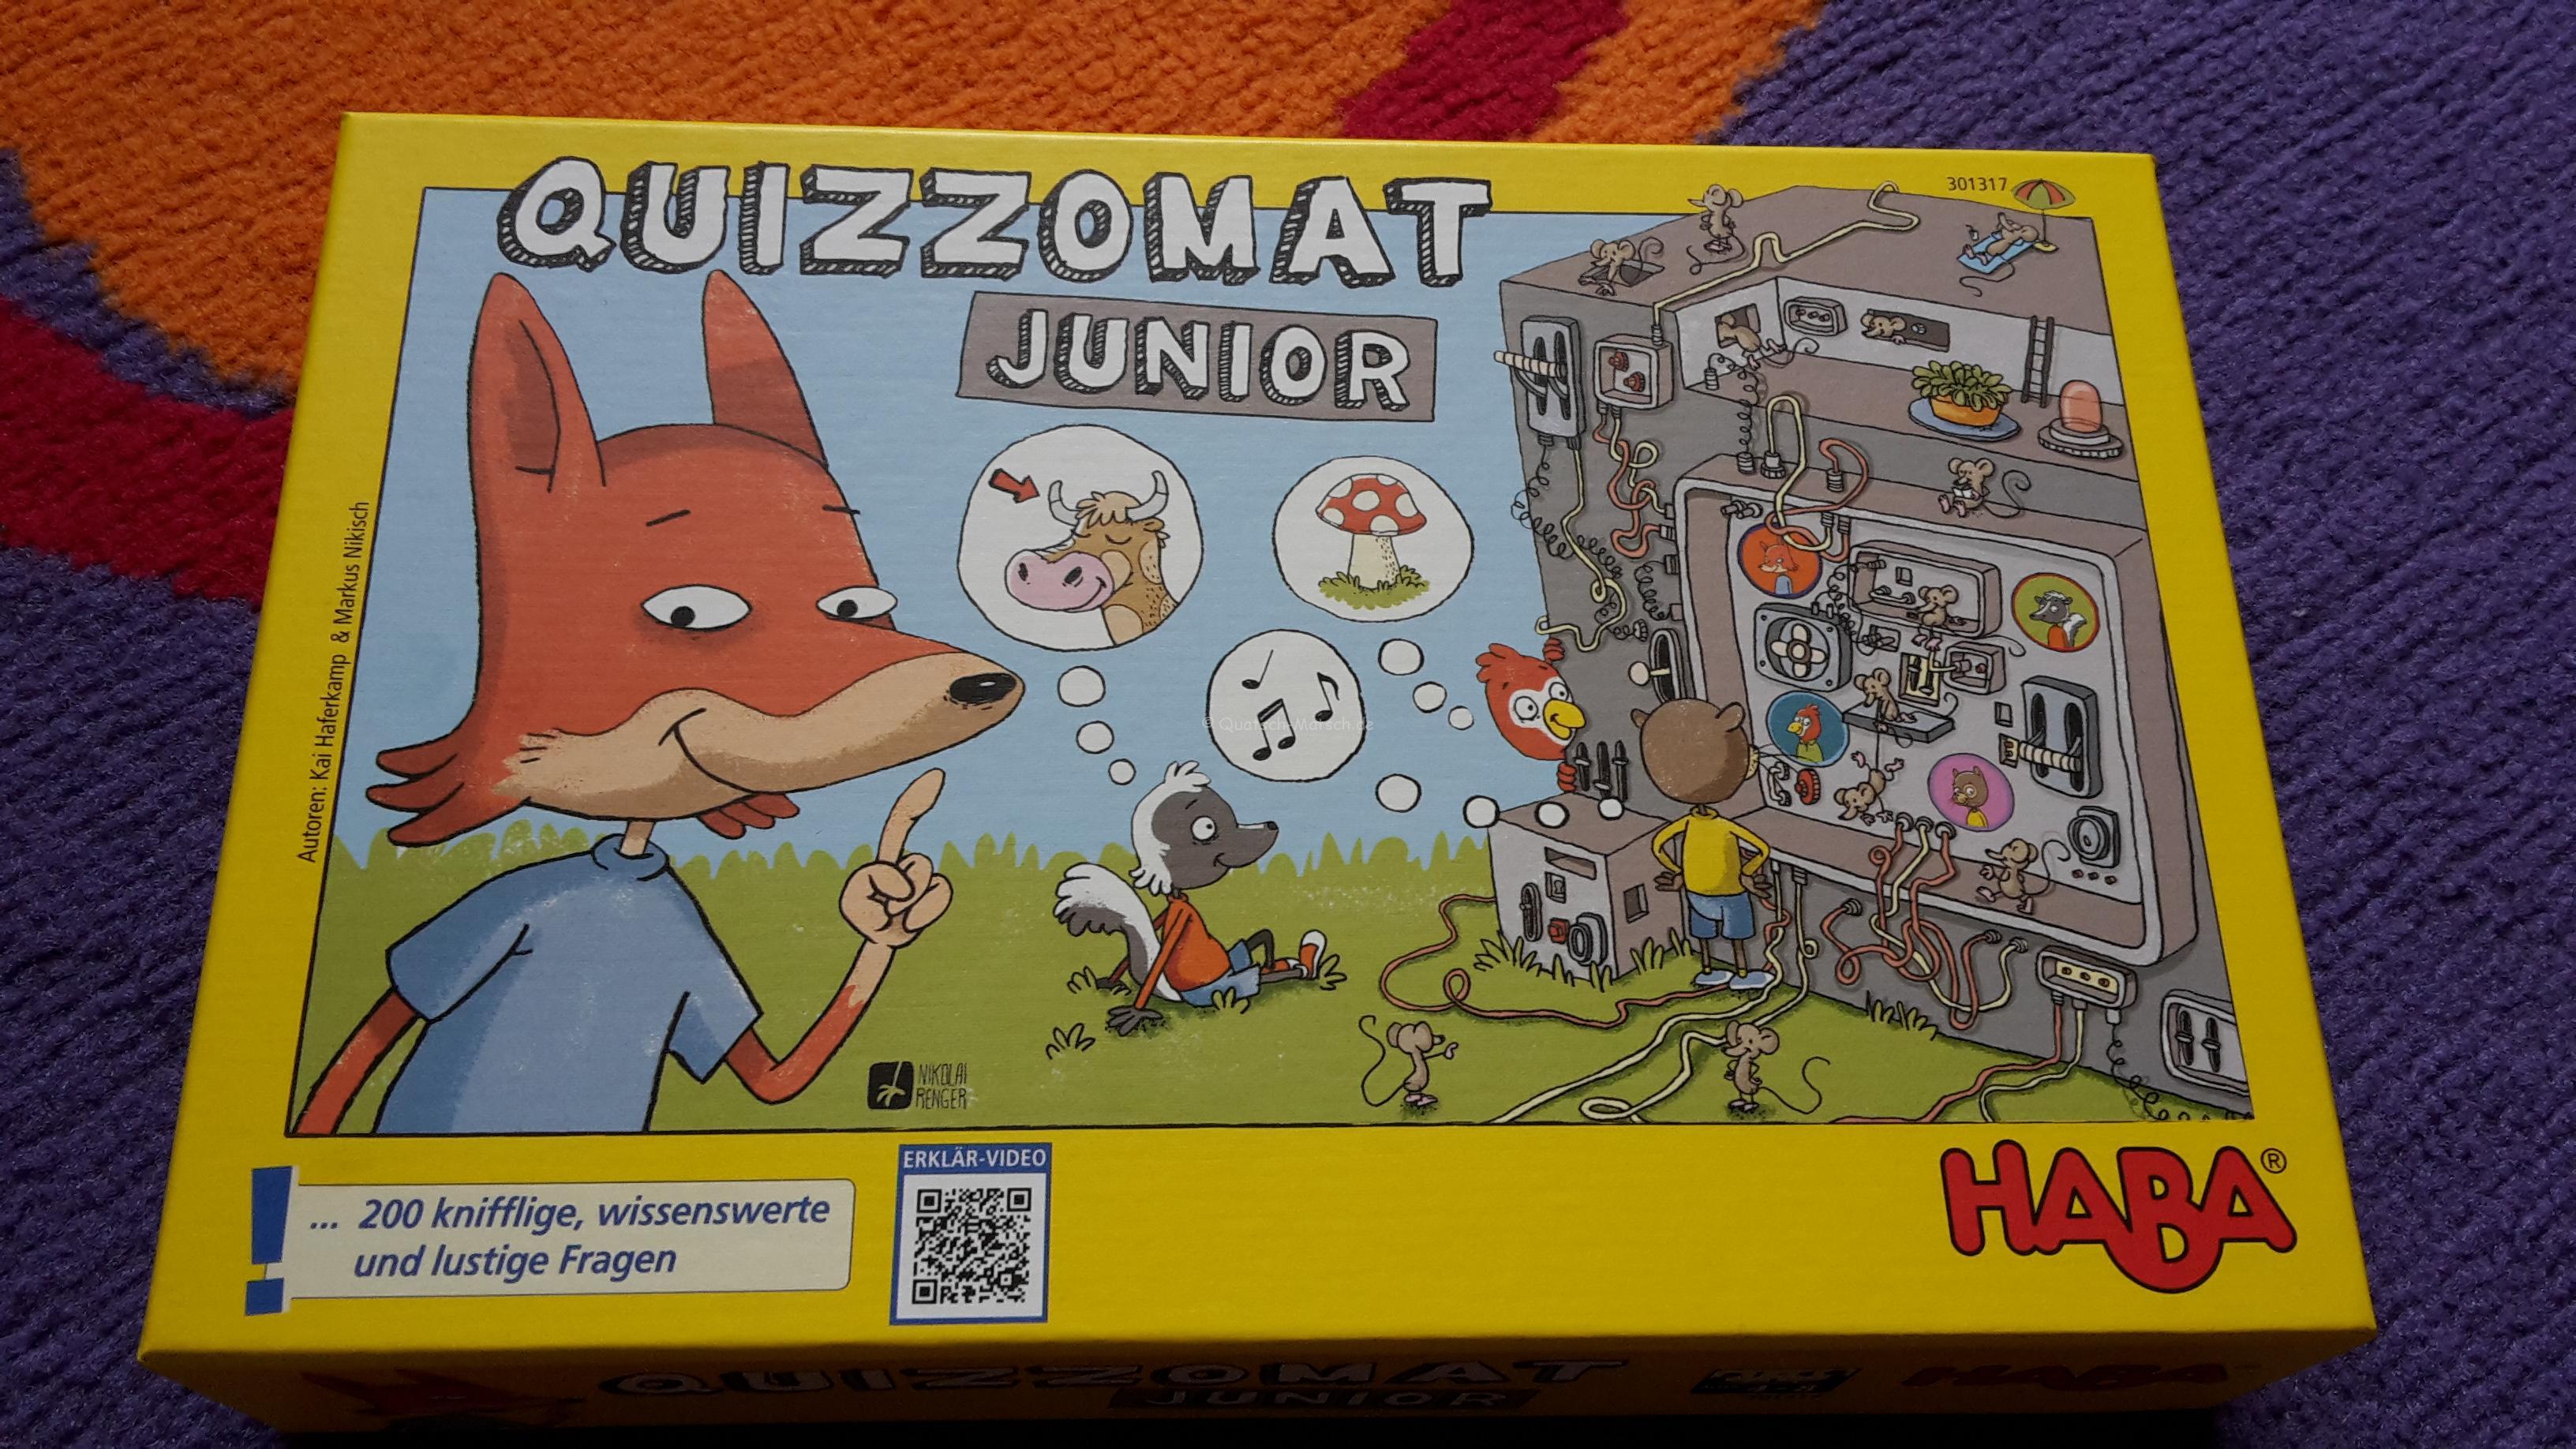 Quizzomat Junior von HABA